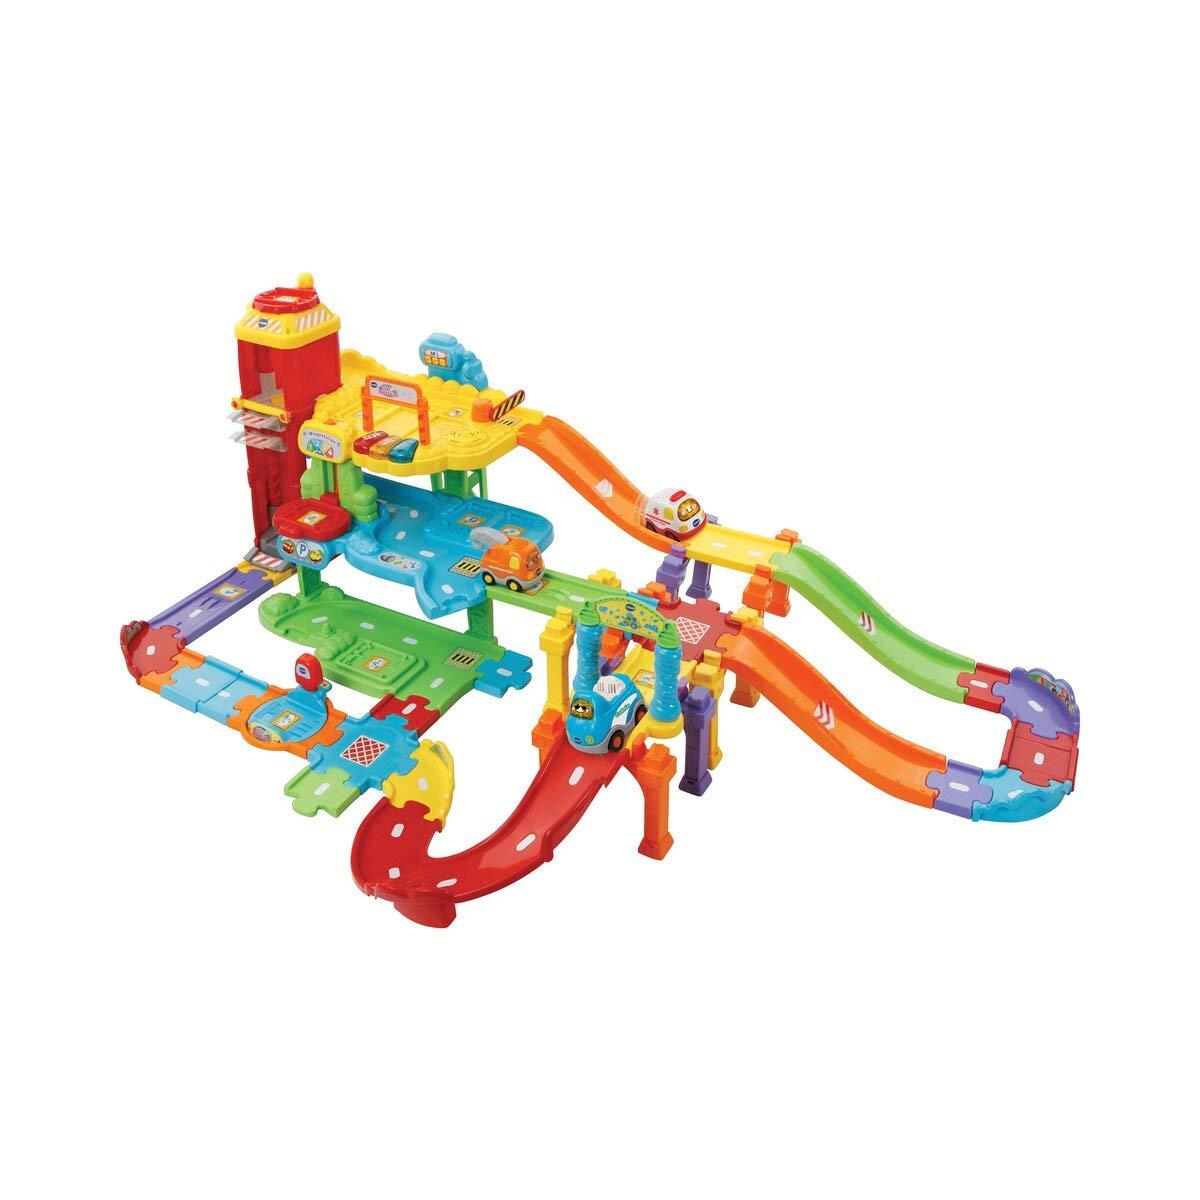 clásico atemporal VTech Baby 80-192404 Tut Baby Flitzer - Funda para Coche Coche Coche  Para tu estilo de juego a los precios más baratos.